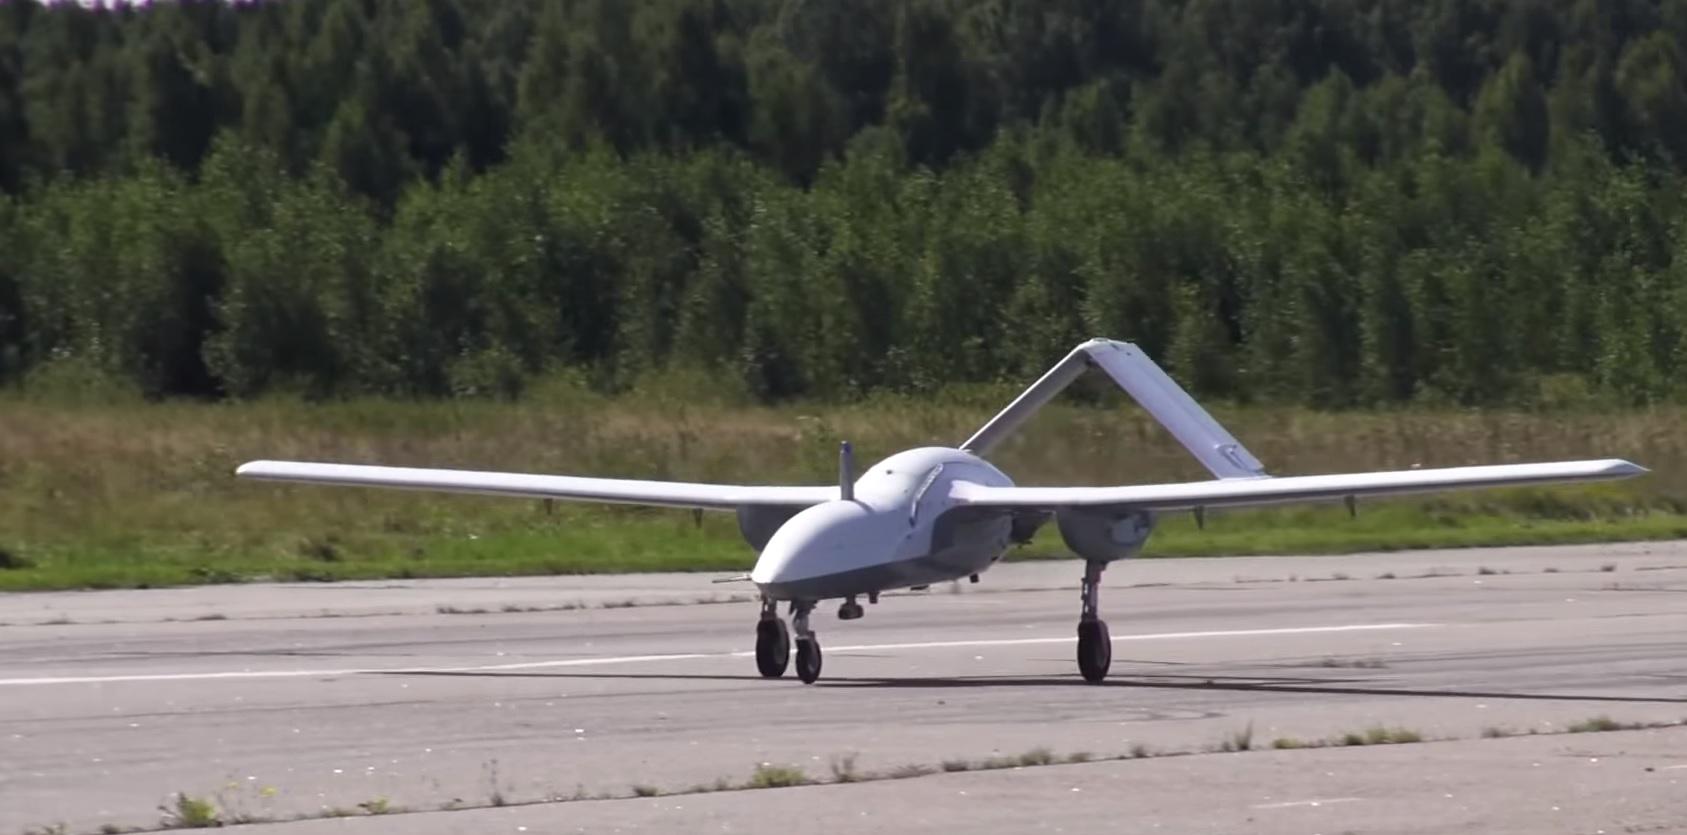 Российские беспилотники смогут долетать до Португалии, США и Канады